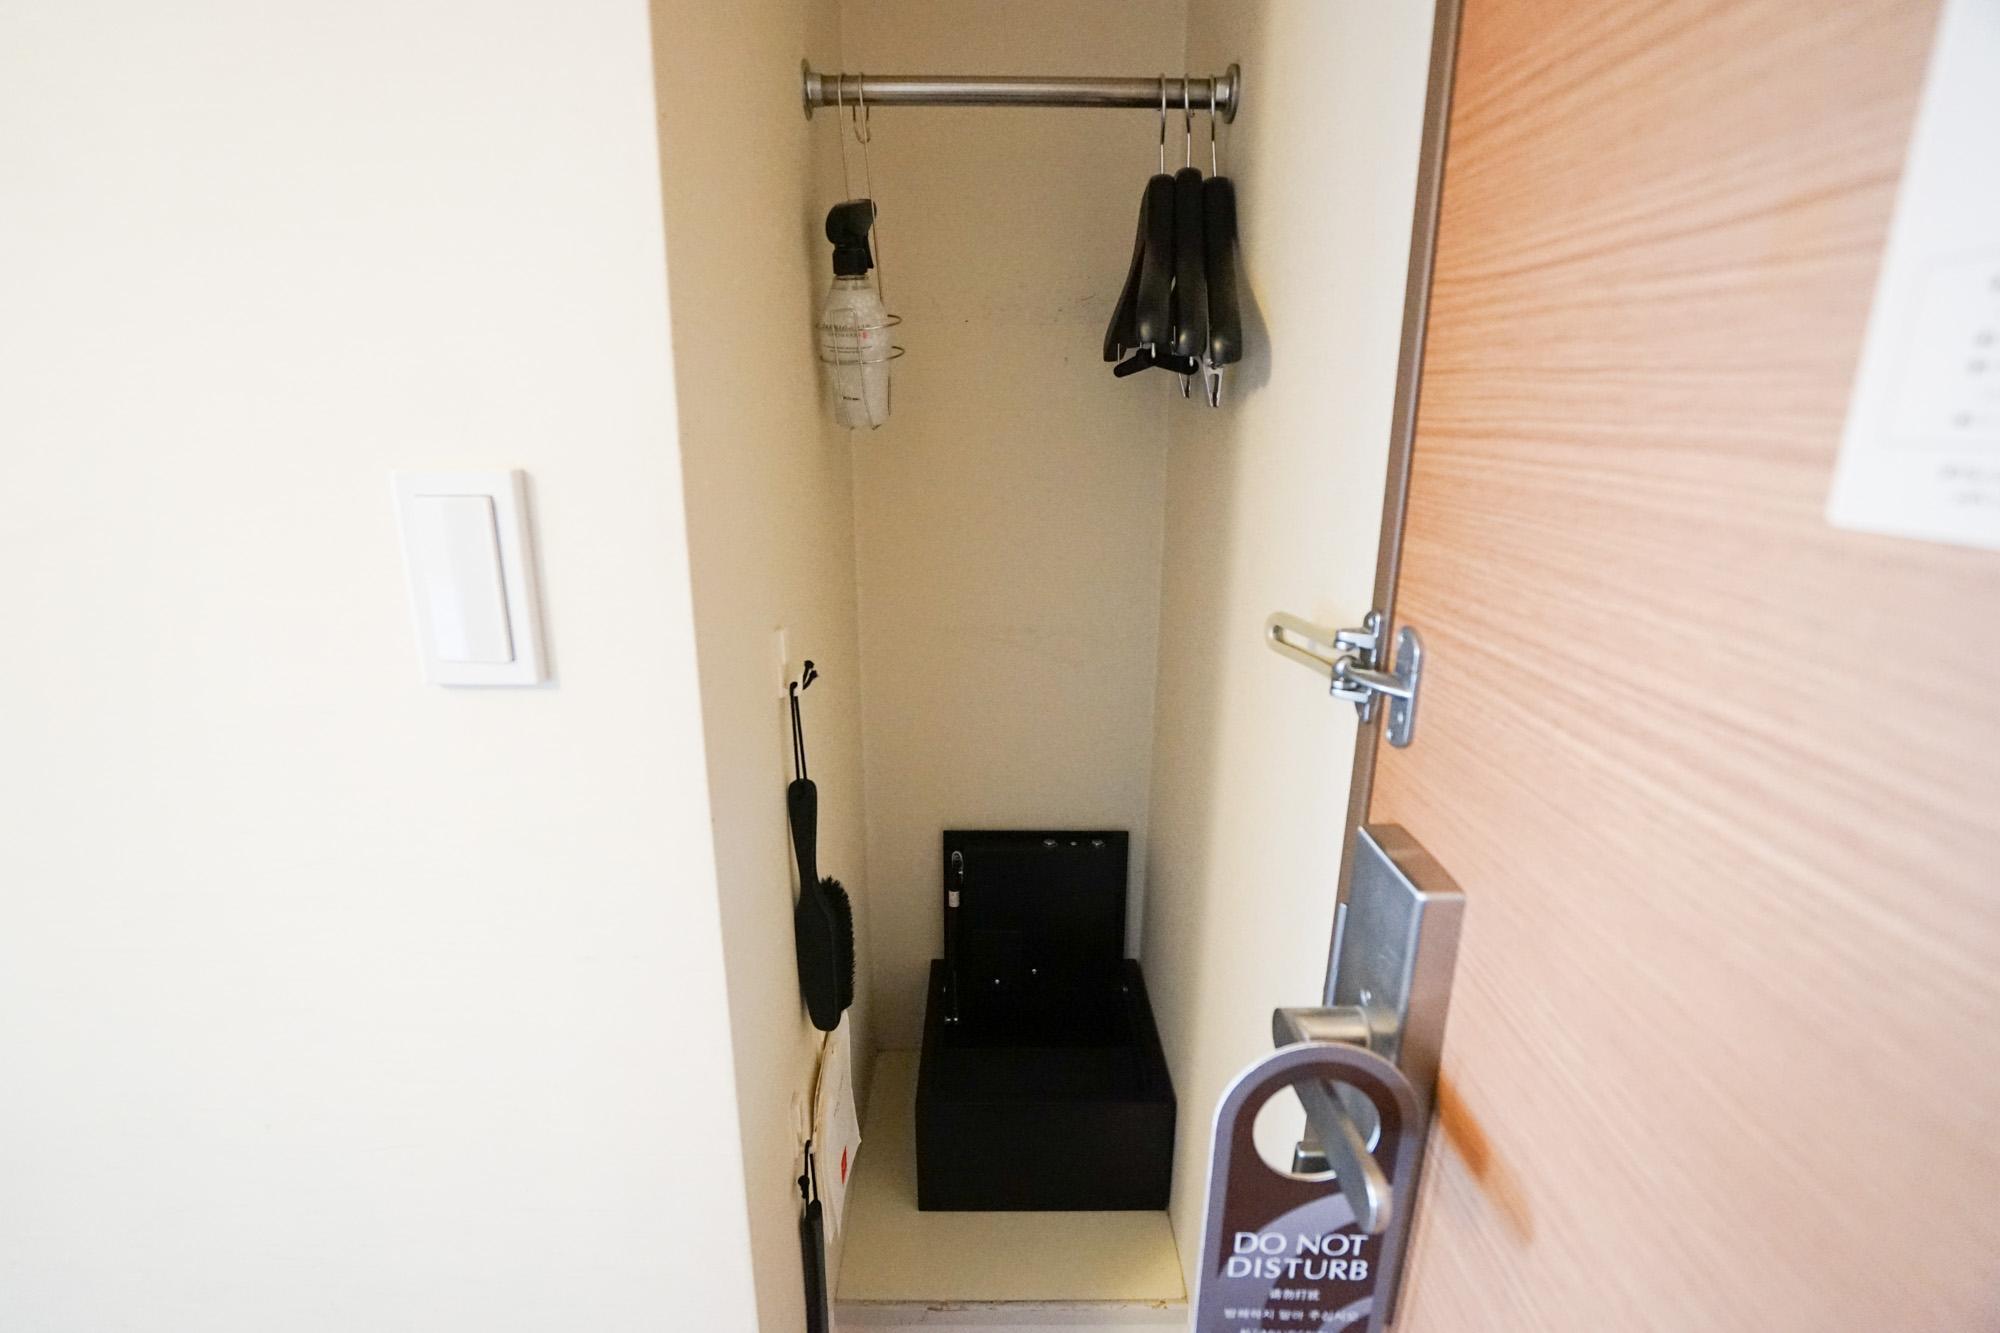 収納スペースは玄関の横に。少しコンパクトかもしれないので、スーツケースなどを合わせて収納として活用するなど工夫を。